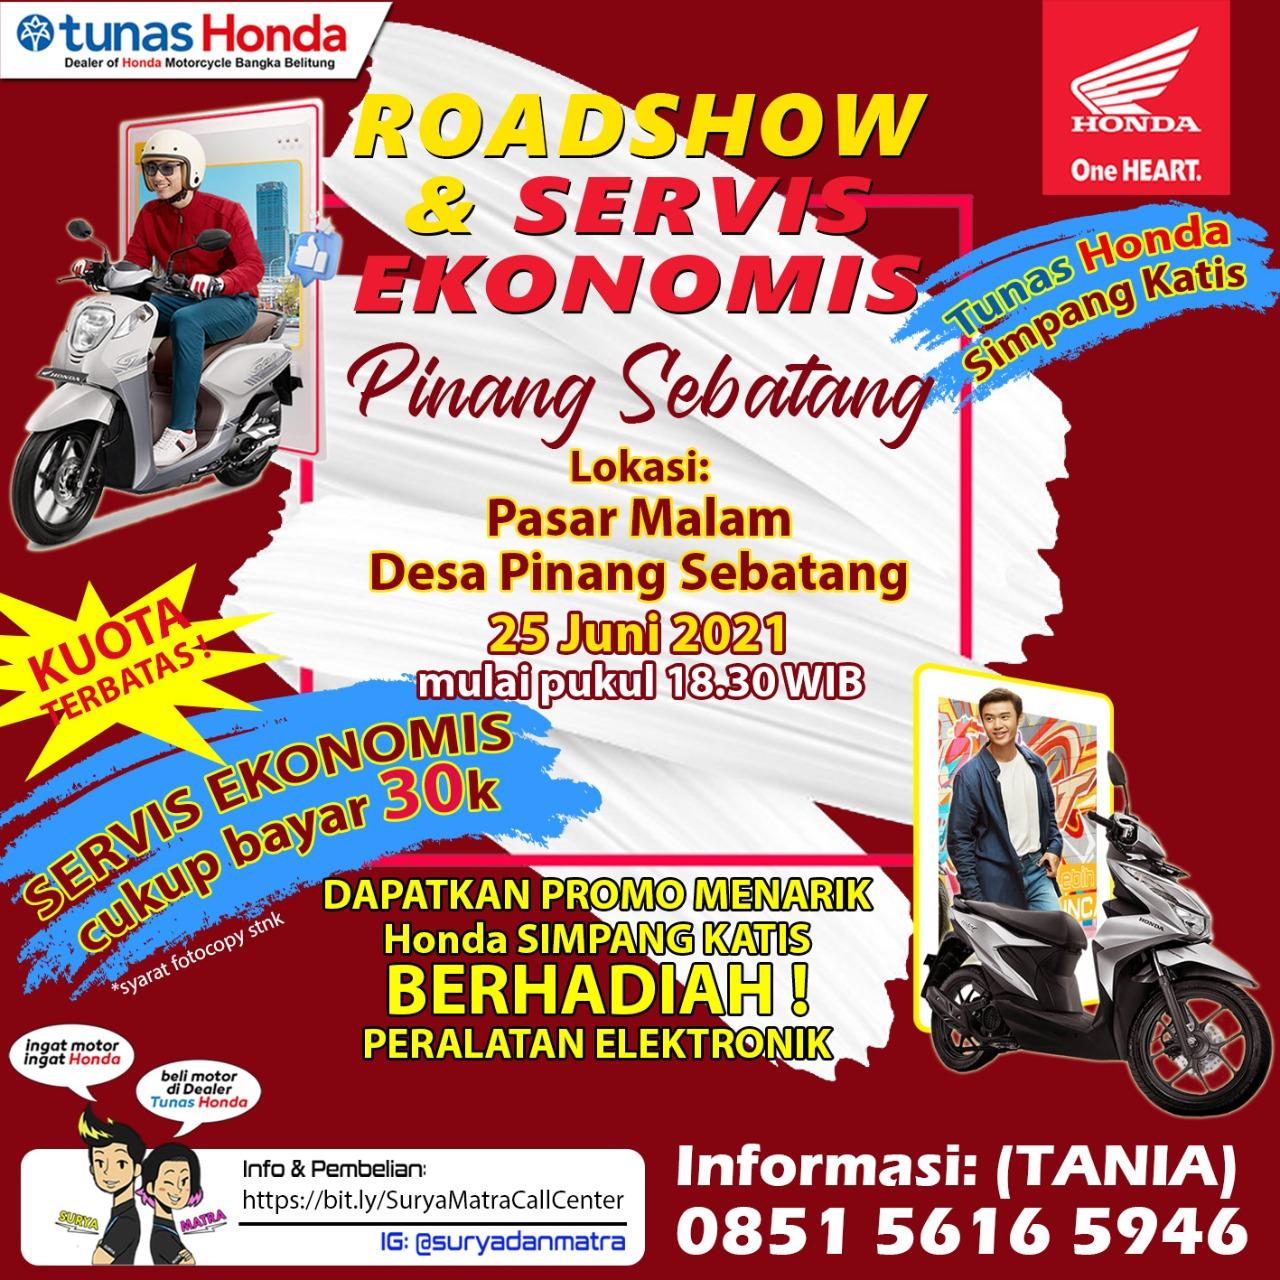 Roadshow dan Servis Ekonomis Pinang Sebatang (22/06).